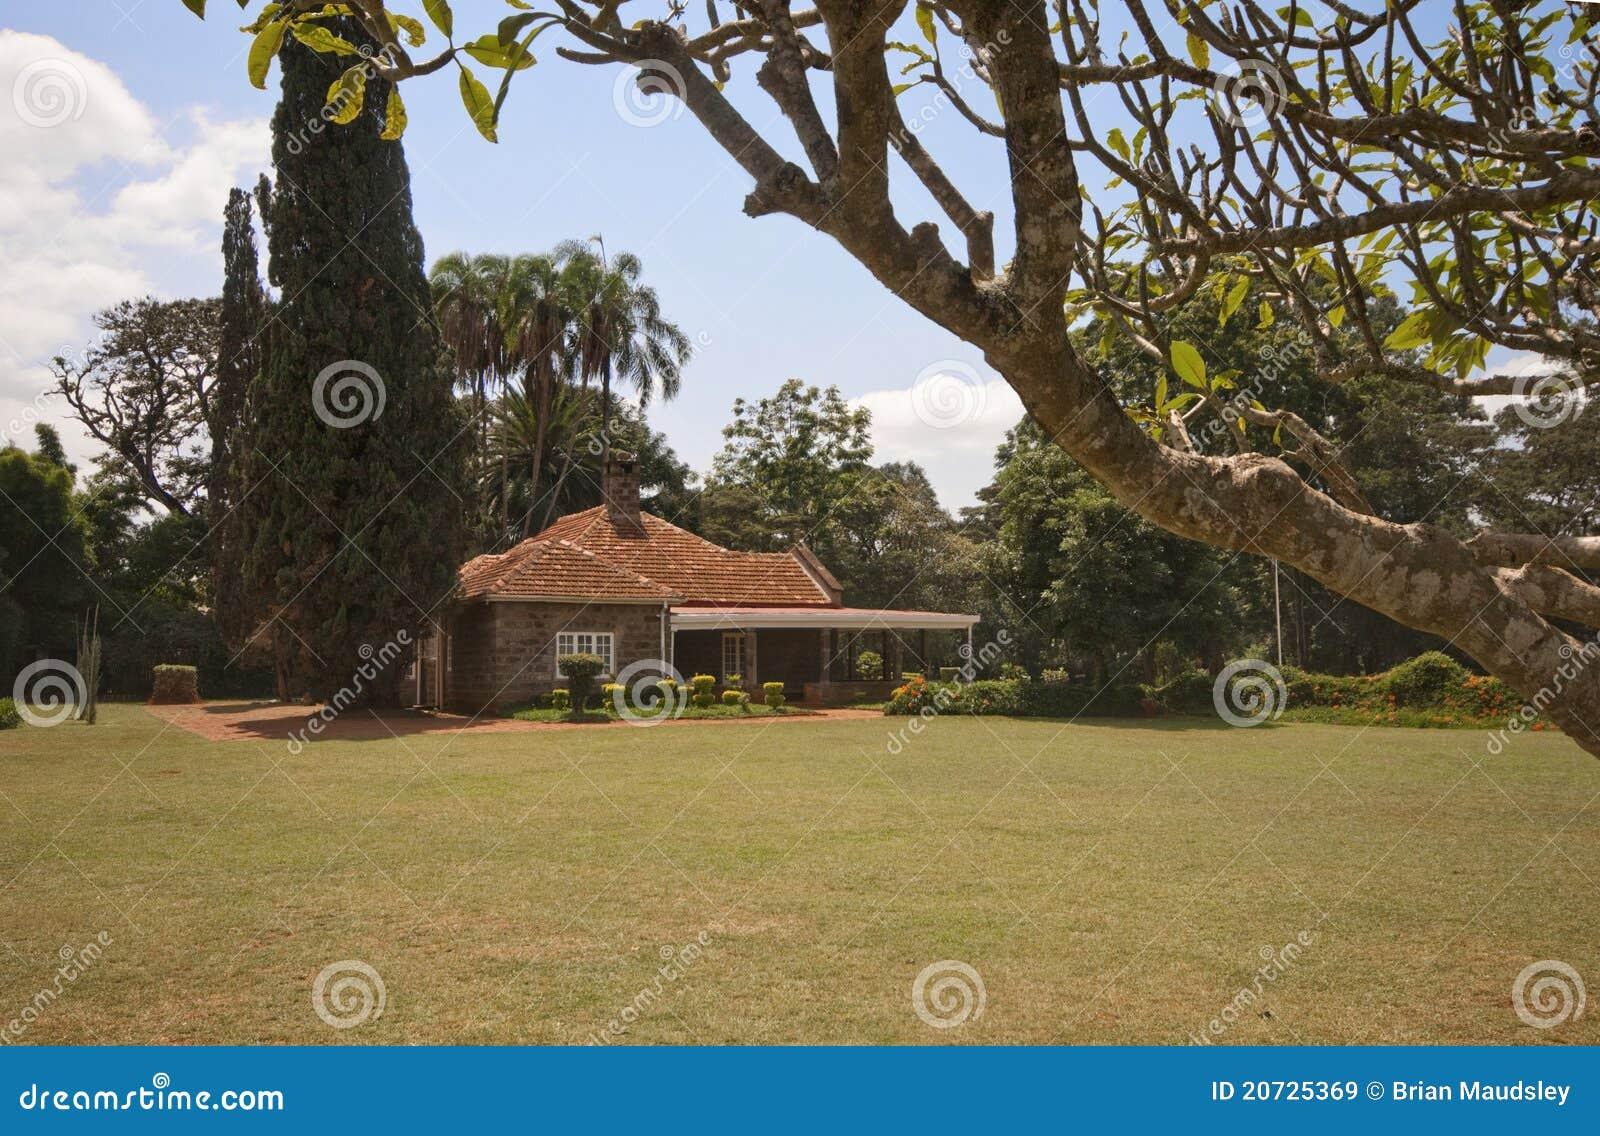 royalty free stock images karen blixen s house kenya